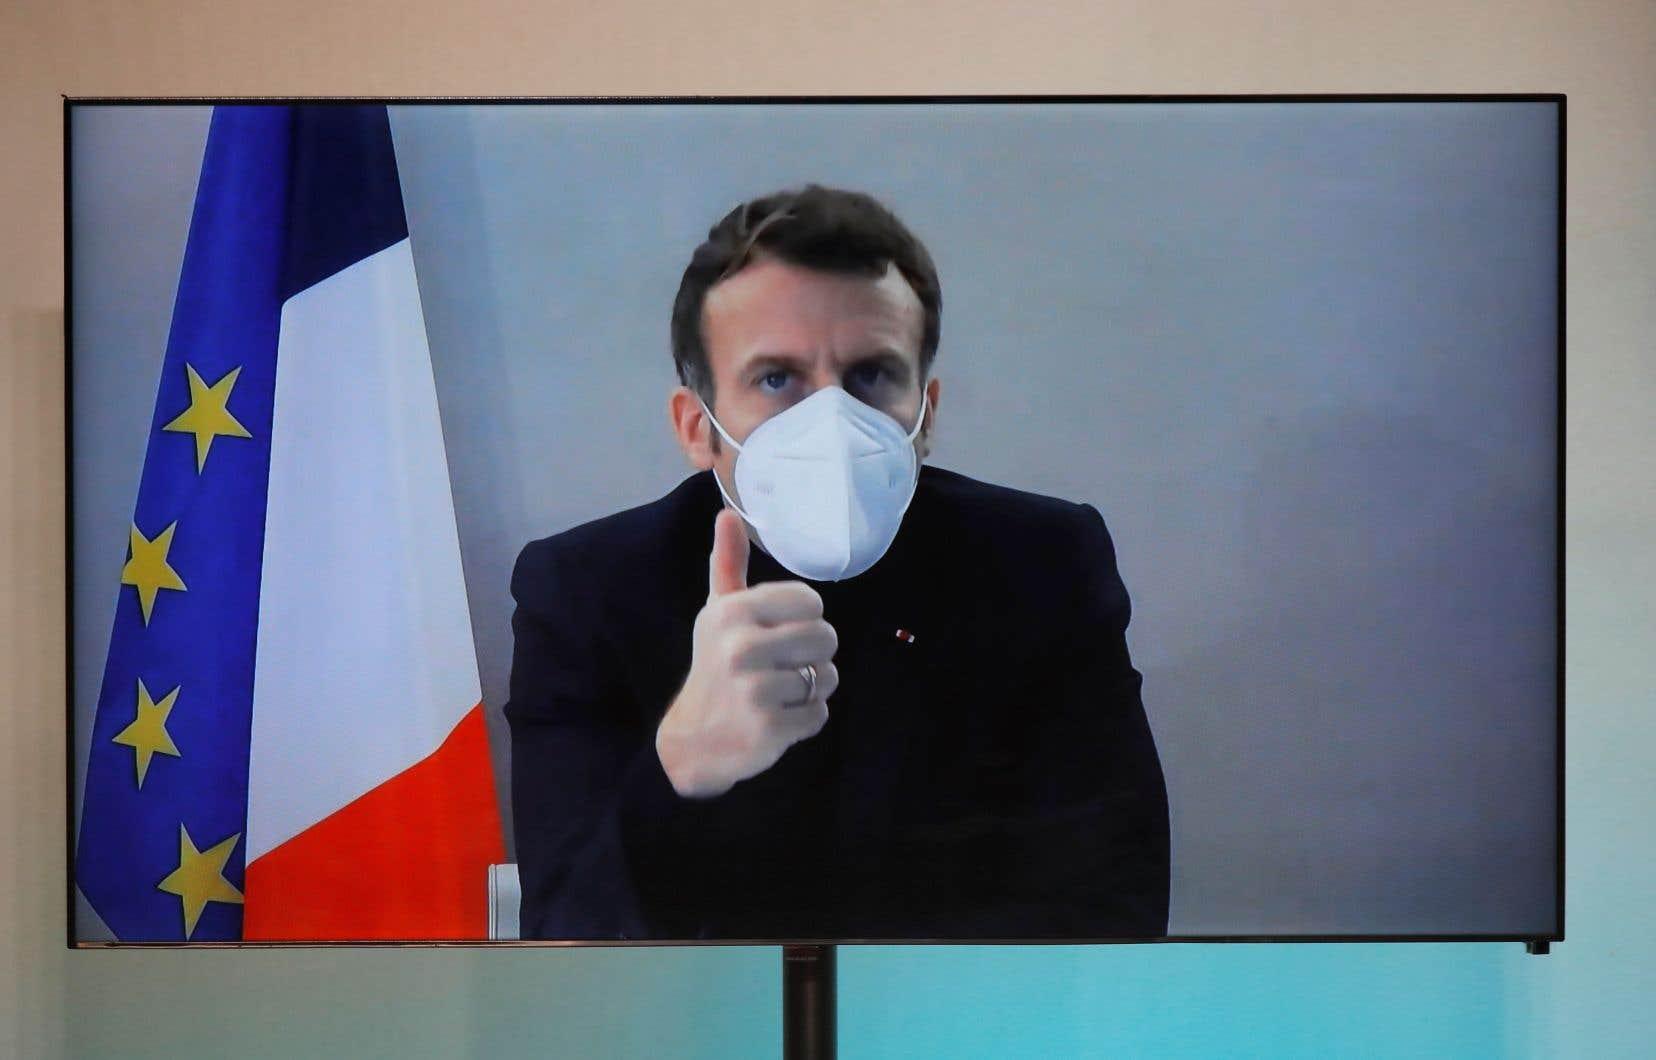 Le président françaisavait été déclaré positif à la COVID-19 le 17décembre.